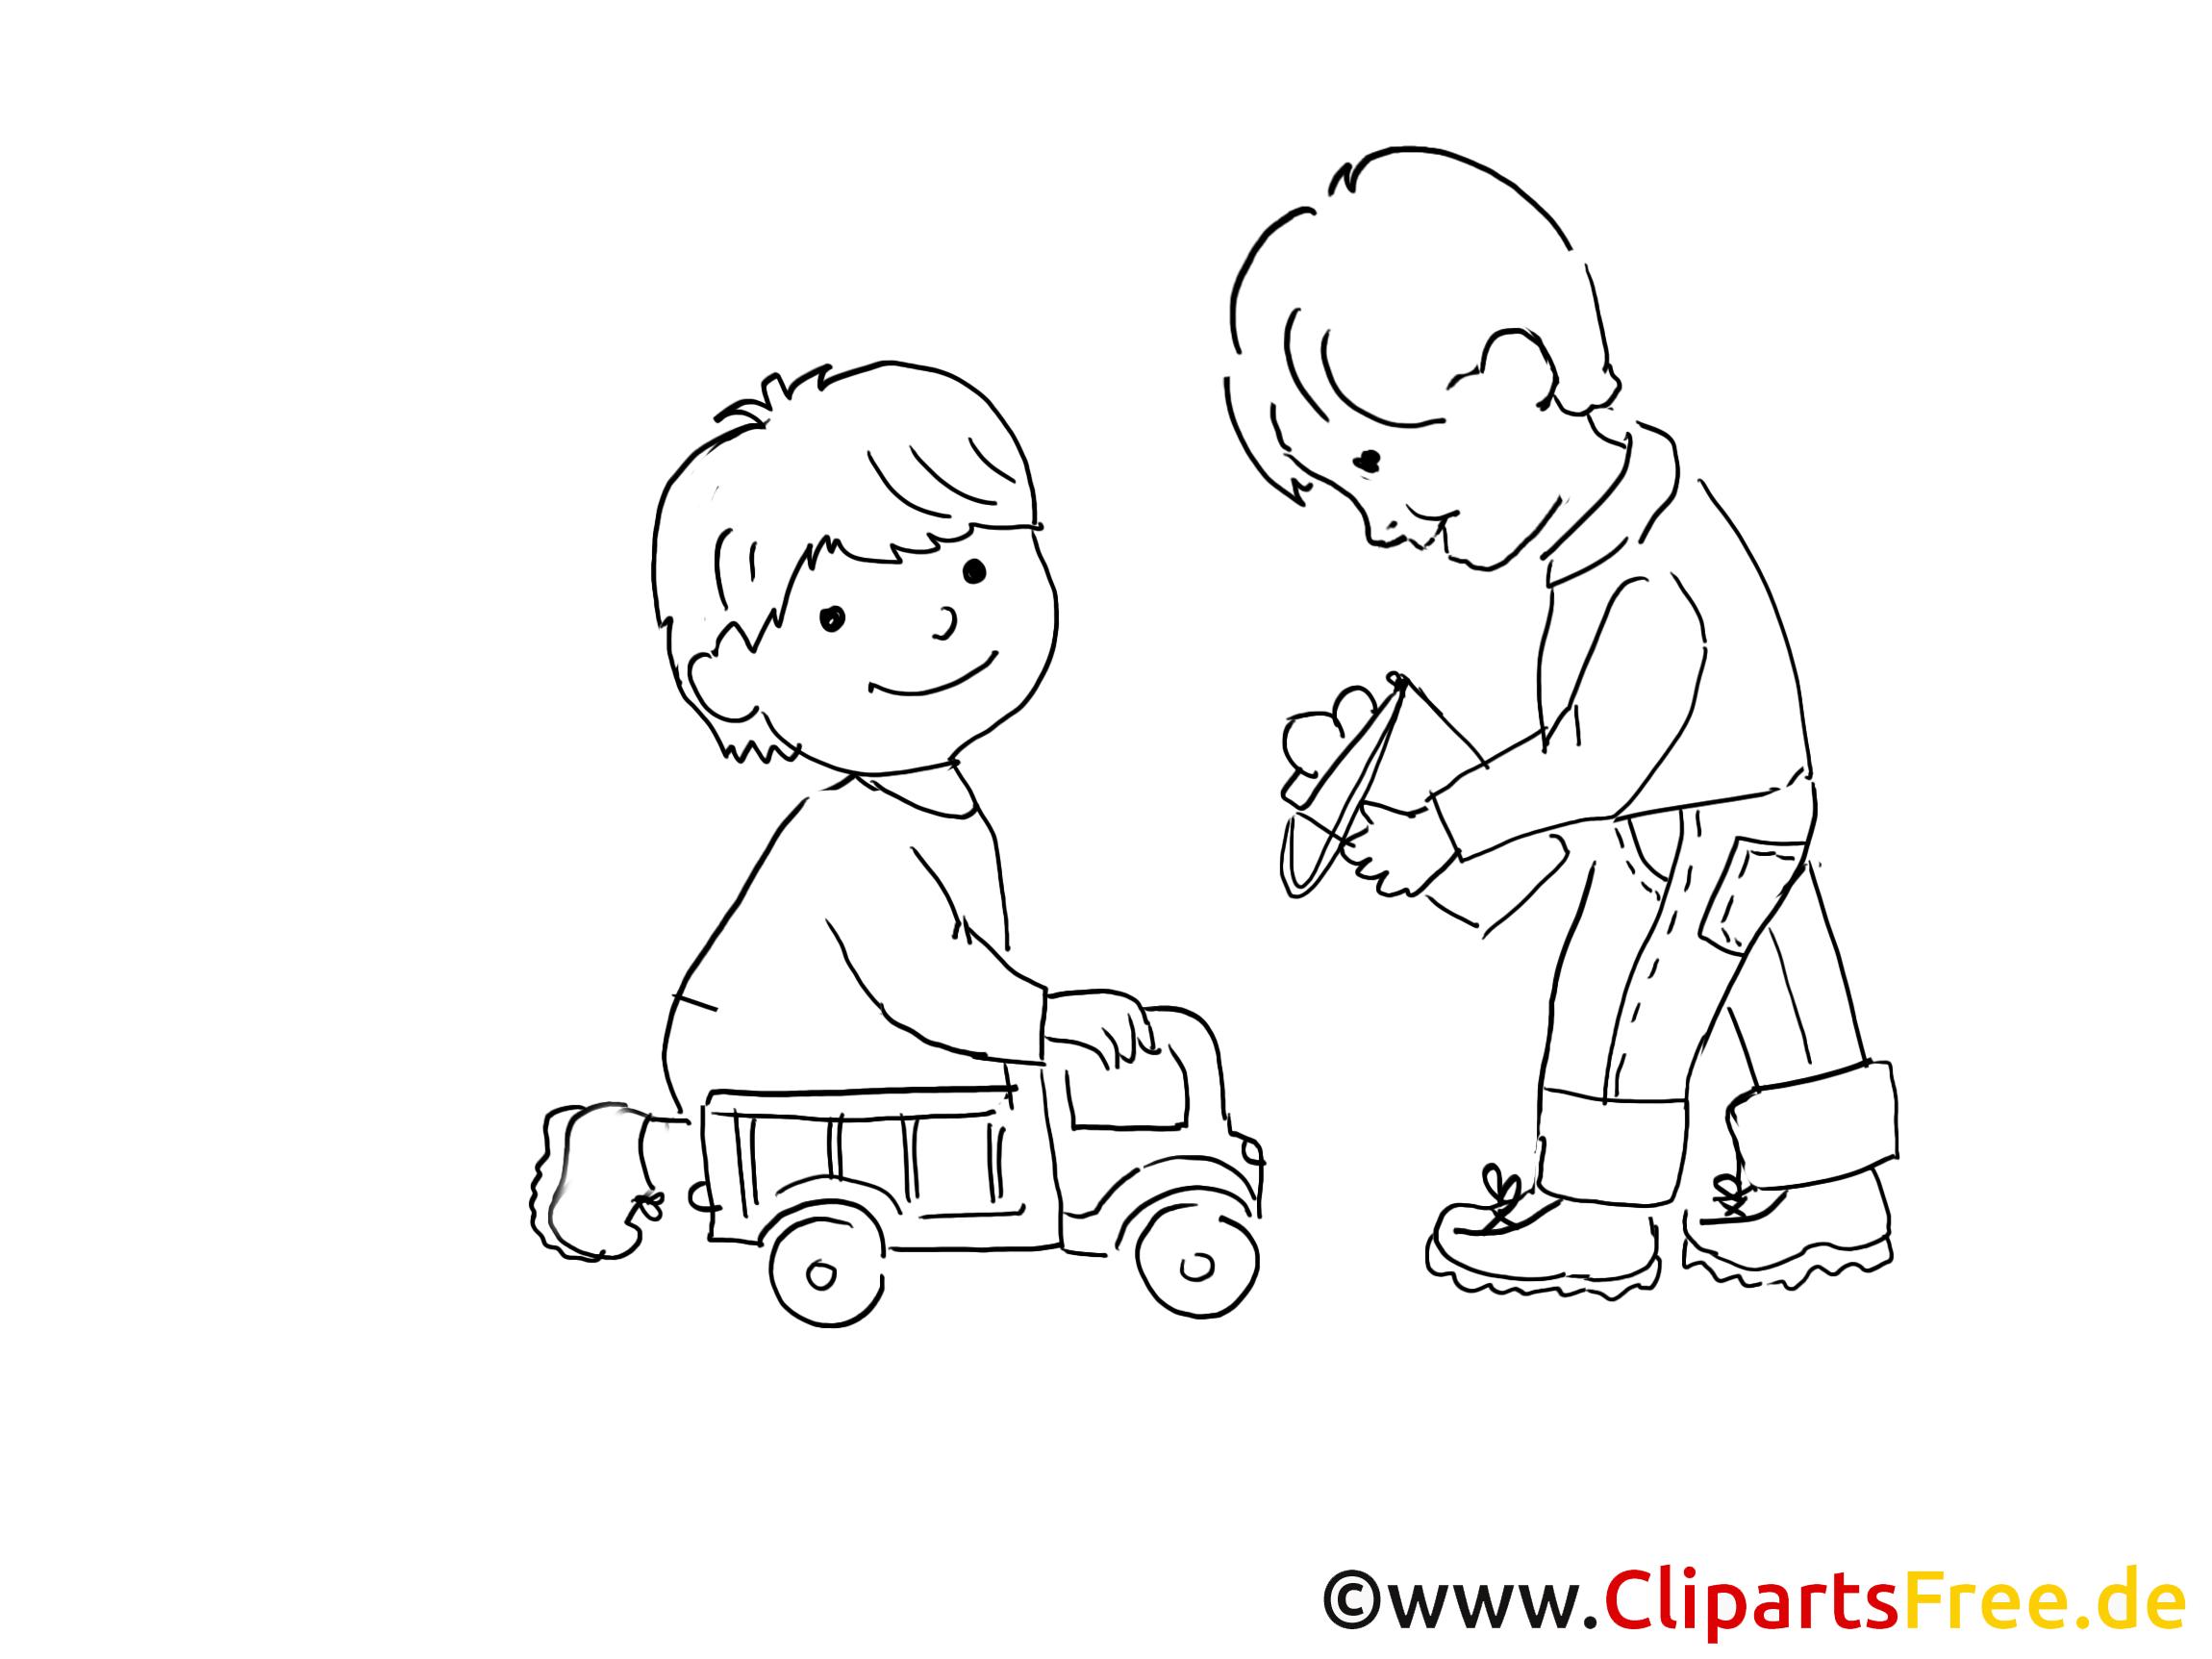 Jouer aux voitures coloriage - Maternelle dessin